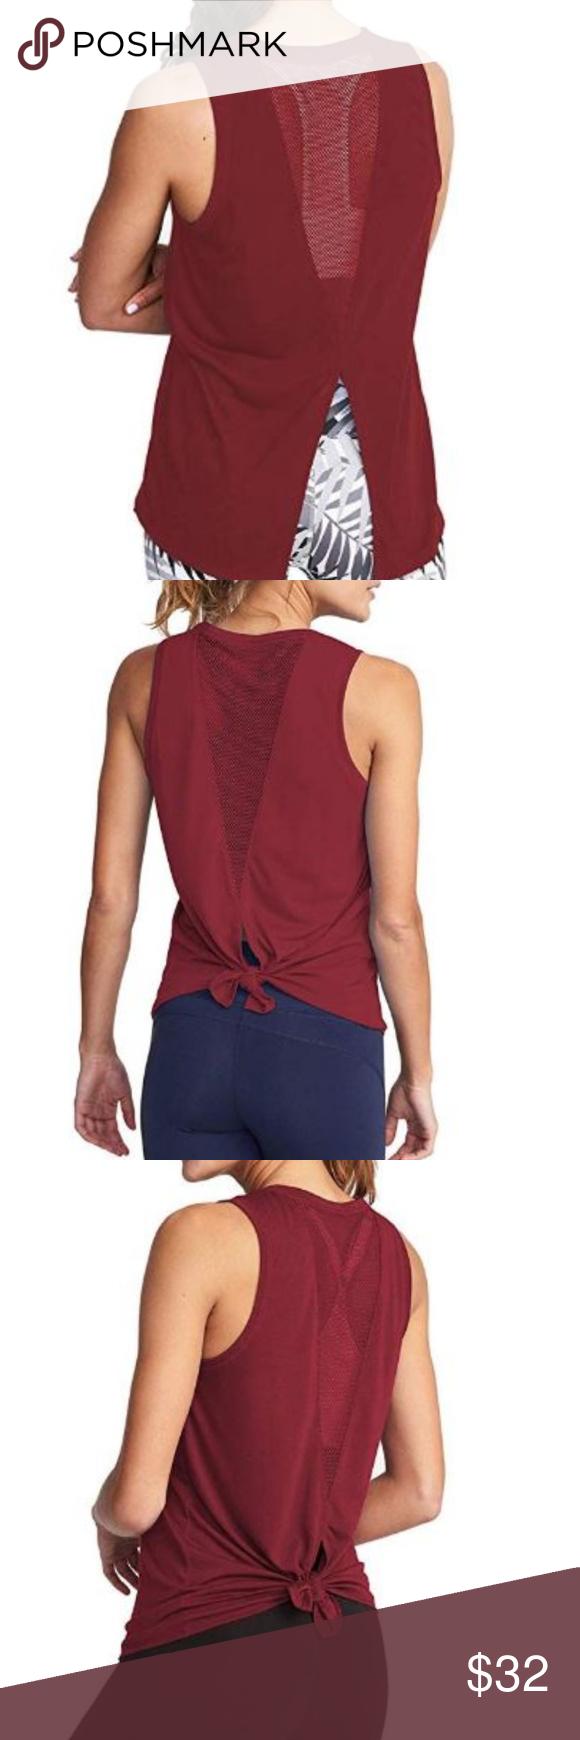 e0f1ea3e2f Women's Cute Sexy Open Back Sports Tank Tops Mippo Women's Cute Yoga  Workout Mesh Shirts Activewear